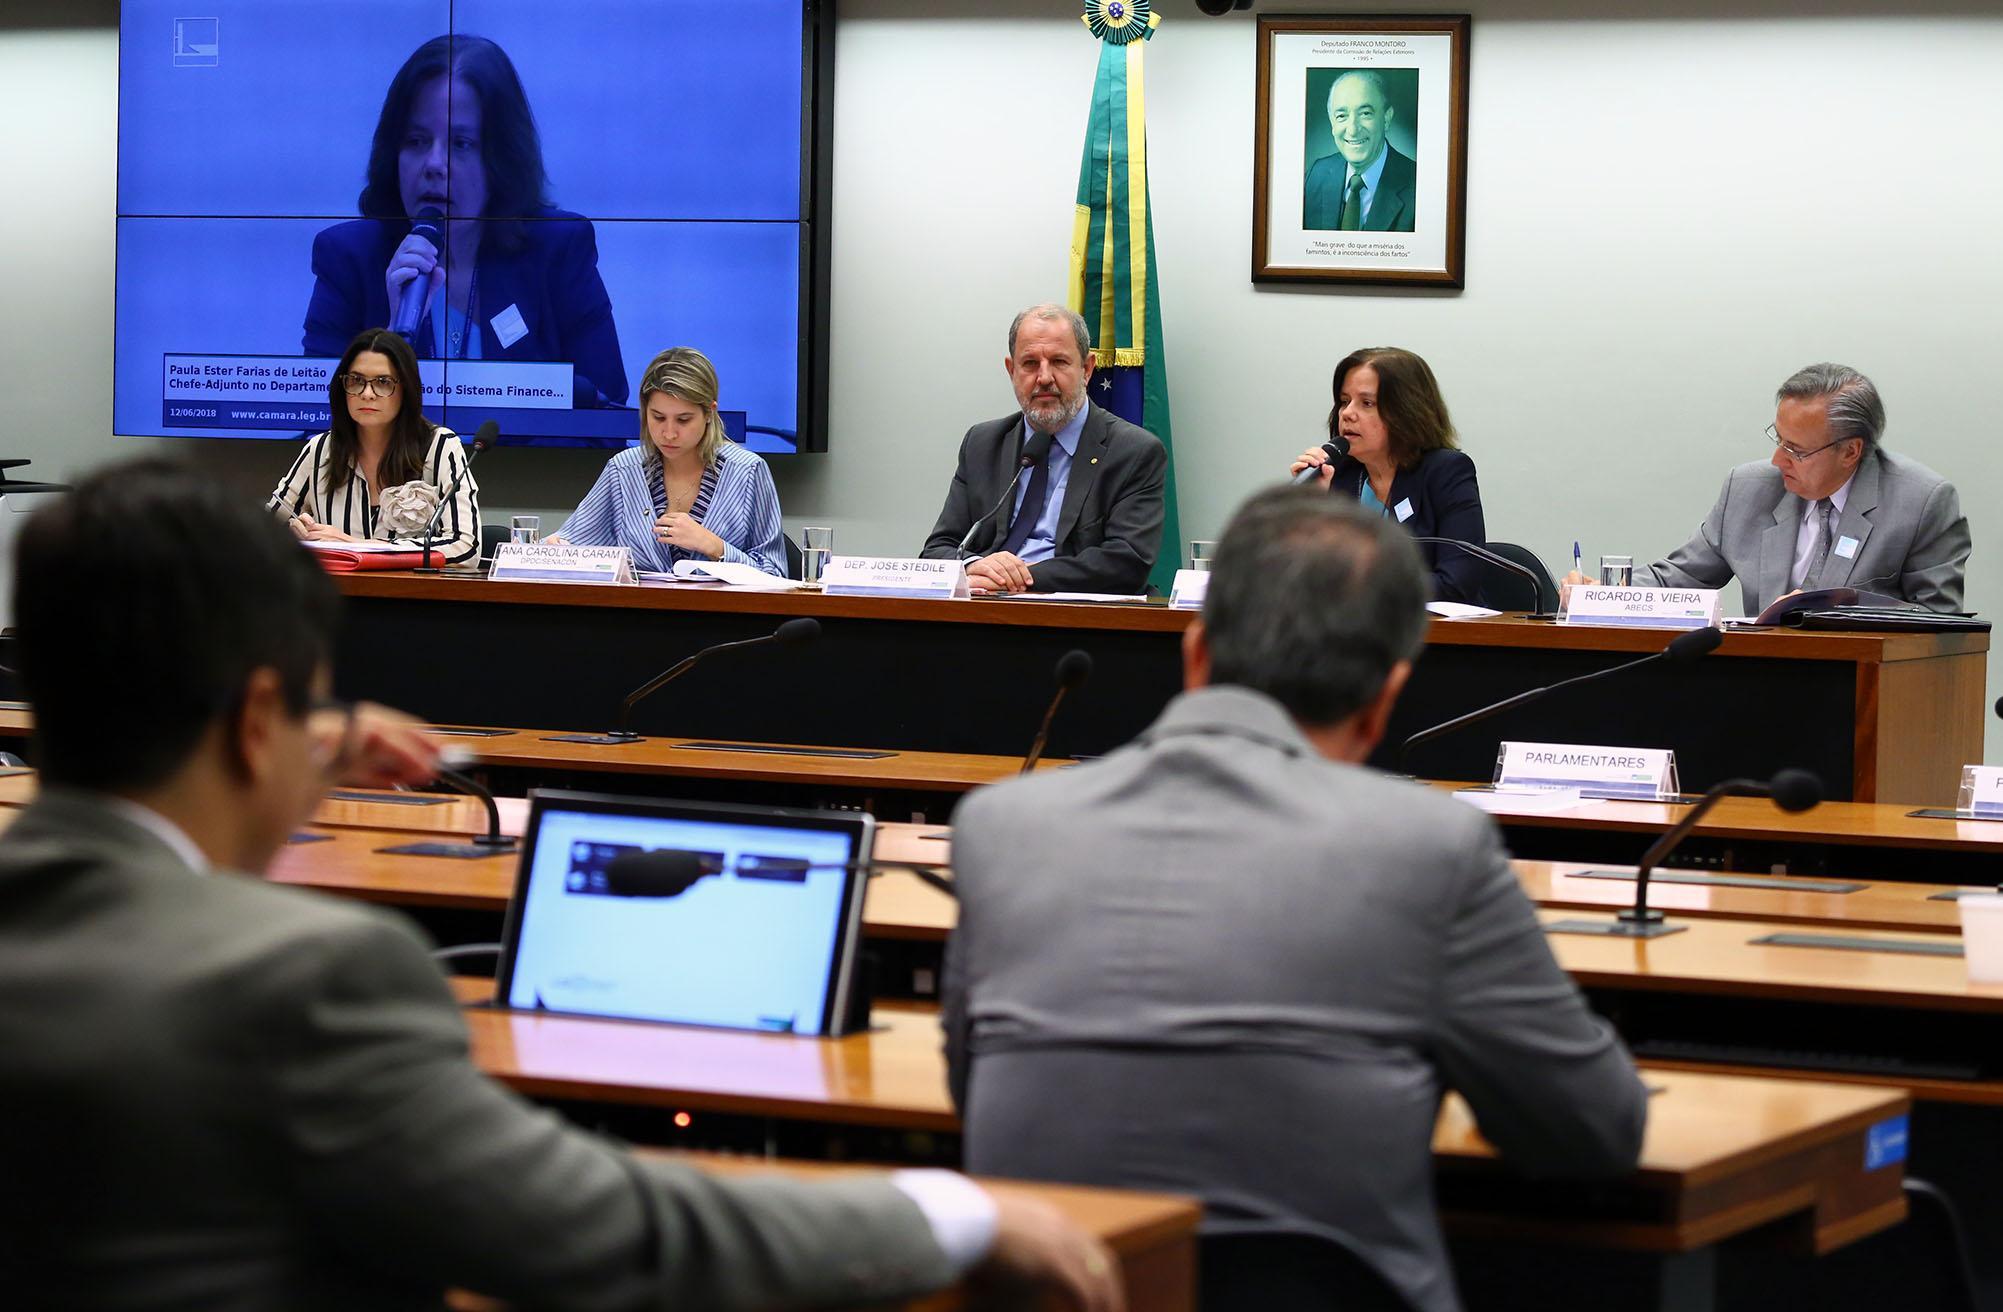 Audiência pública sobre as novas regras adotadas pelo Conselho Monetário Nacional em relação aos cartões de crédito